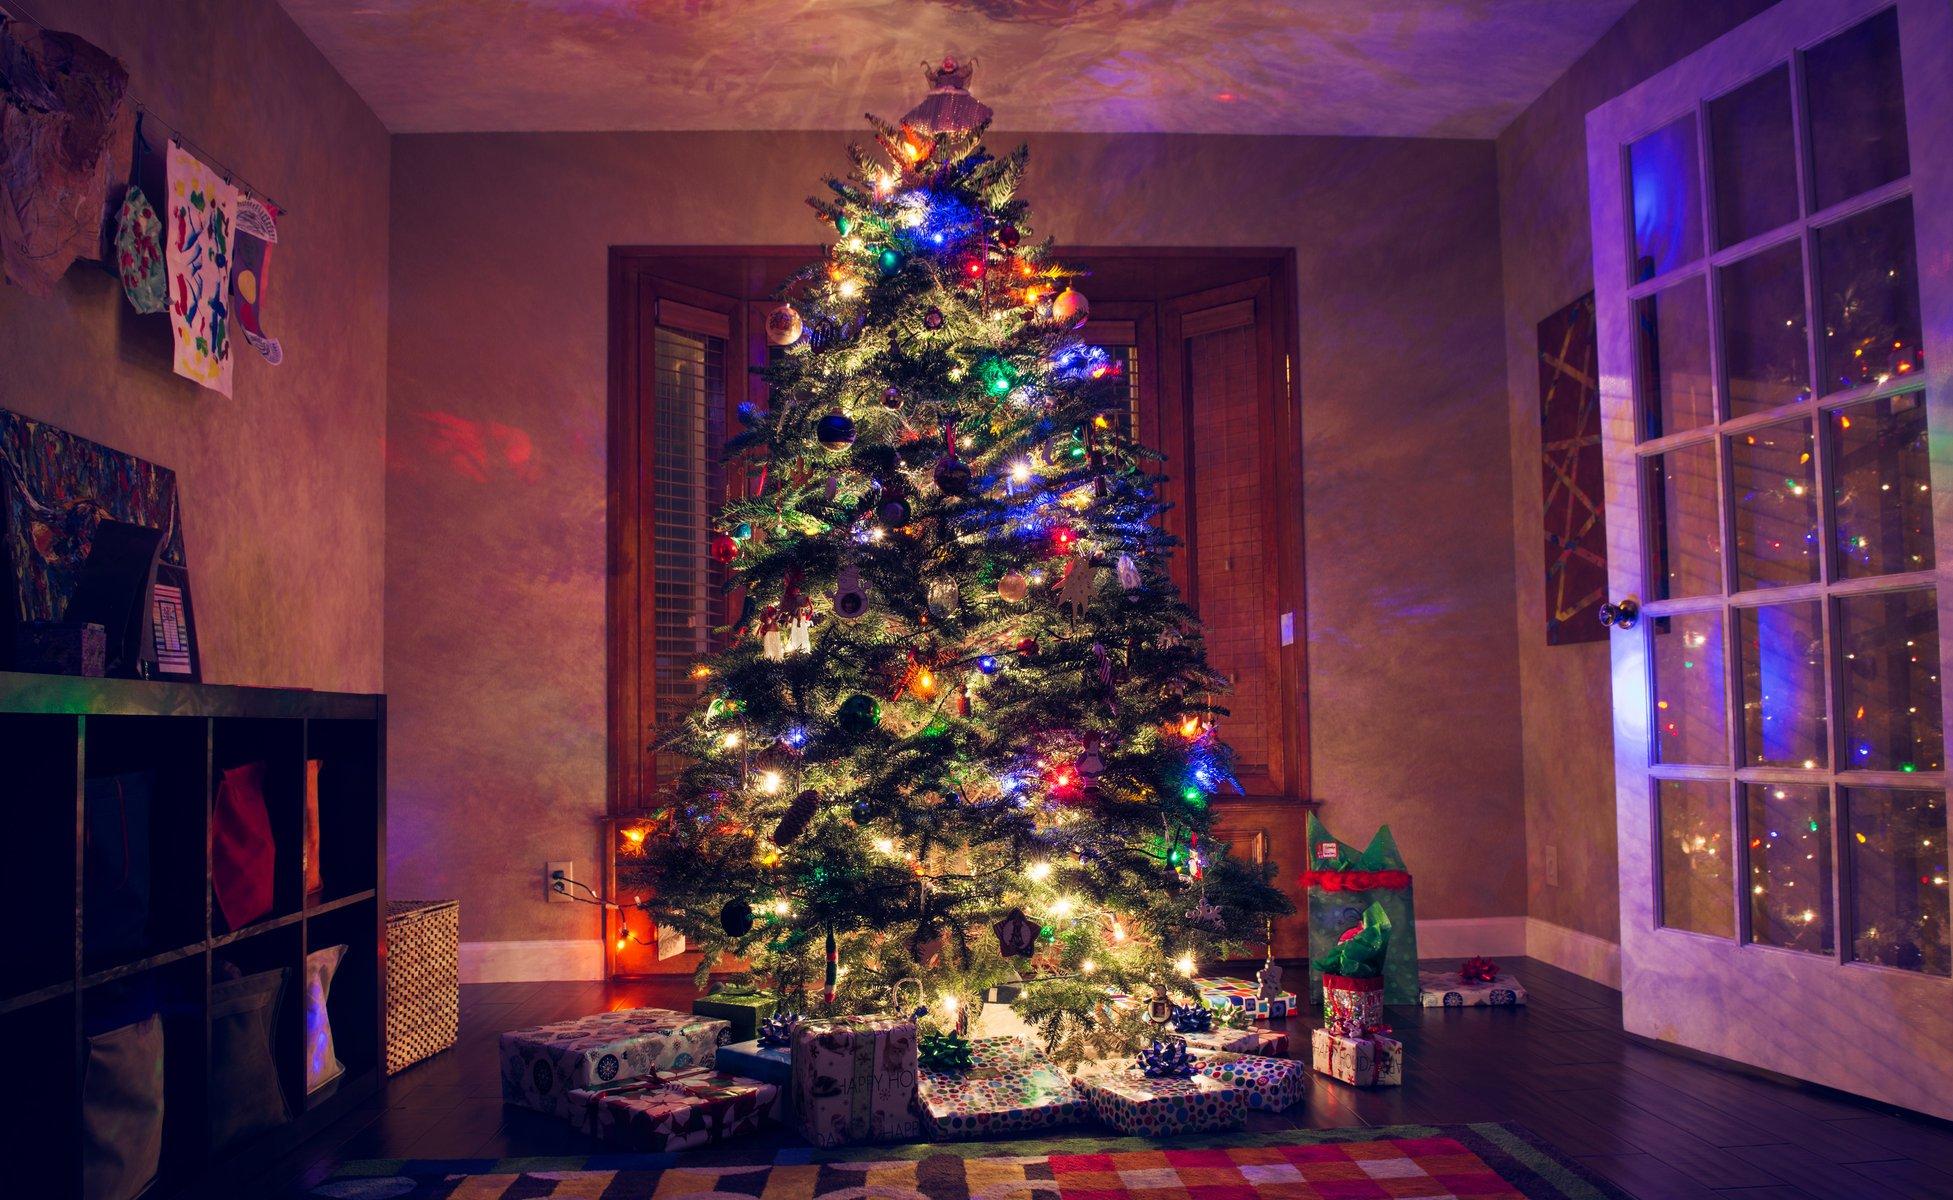 пепел новогодние обои на рабочий стол елка в огнях широкоформатные даст вам